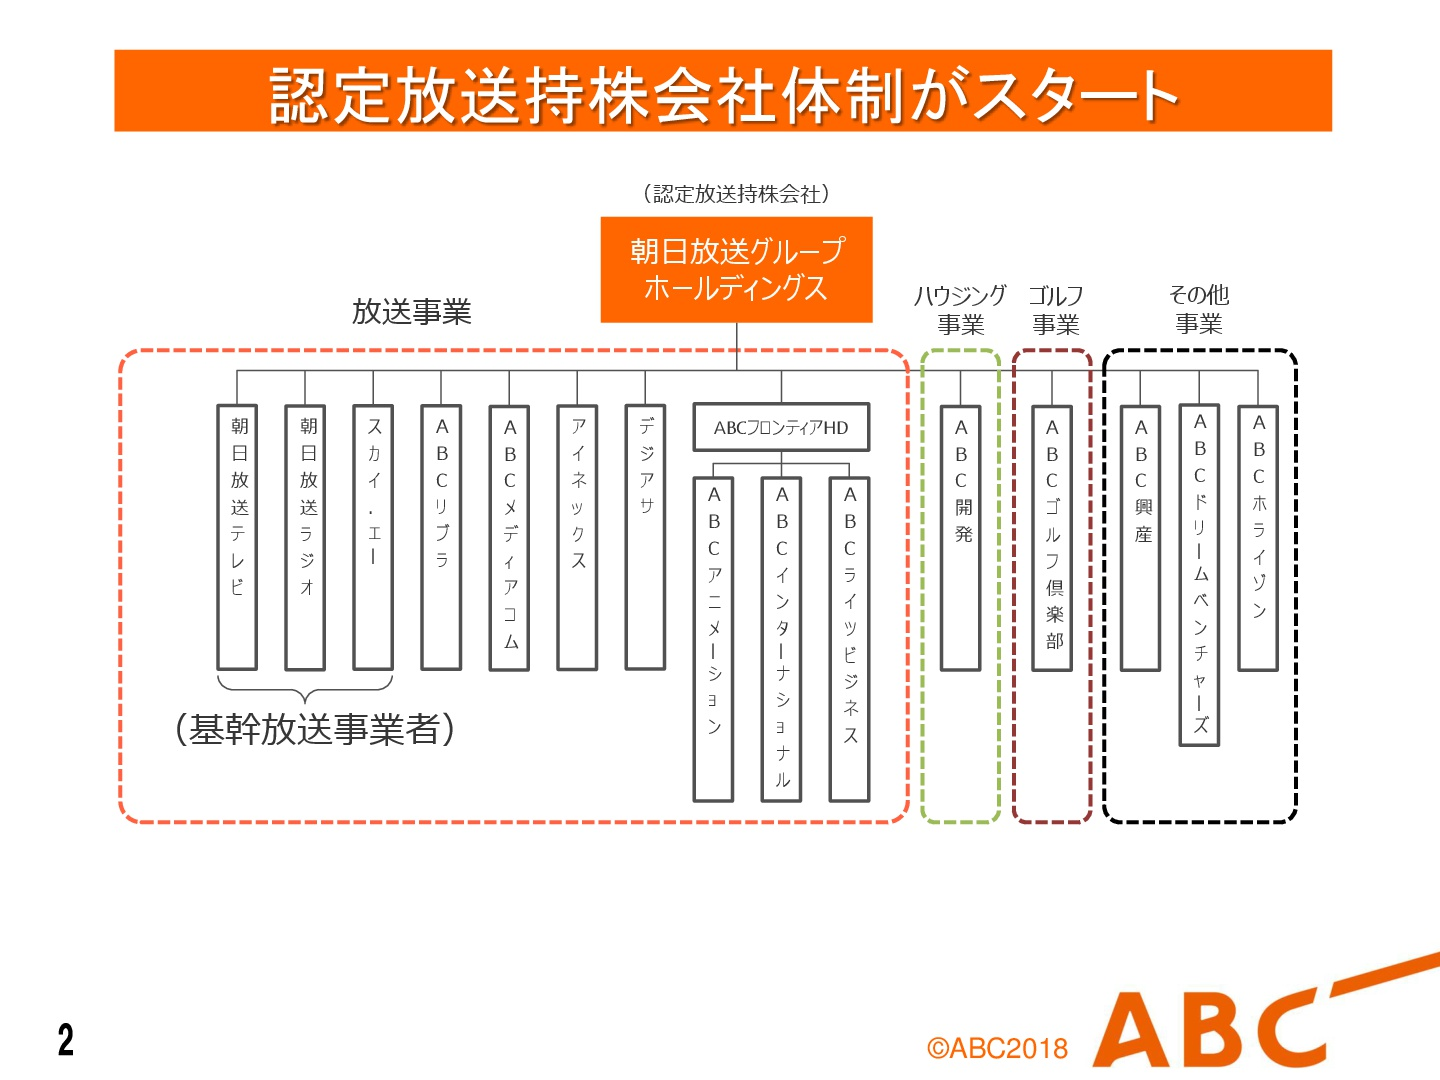 朝日 放送 グループ ホールディングス